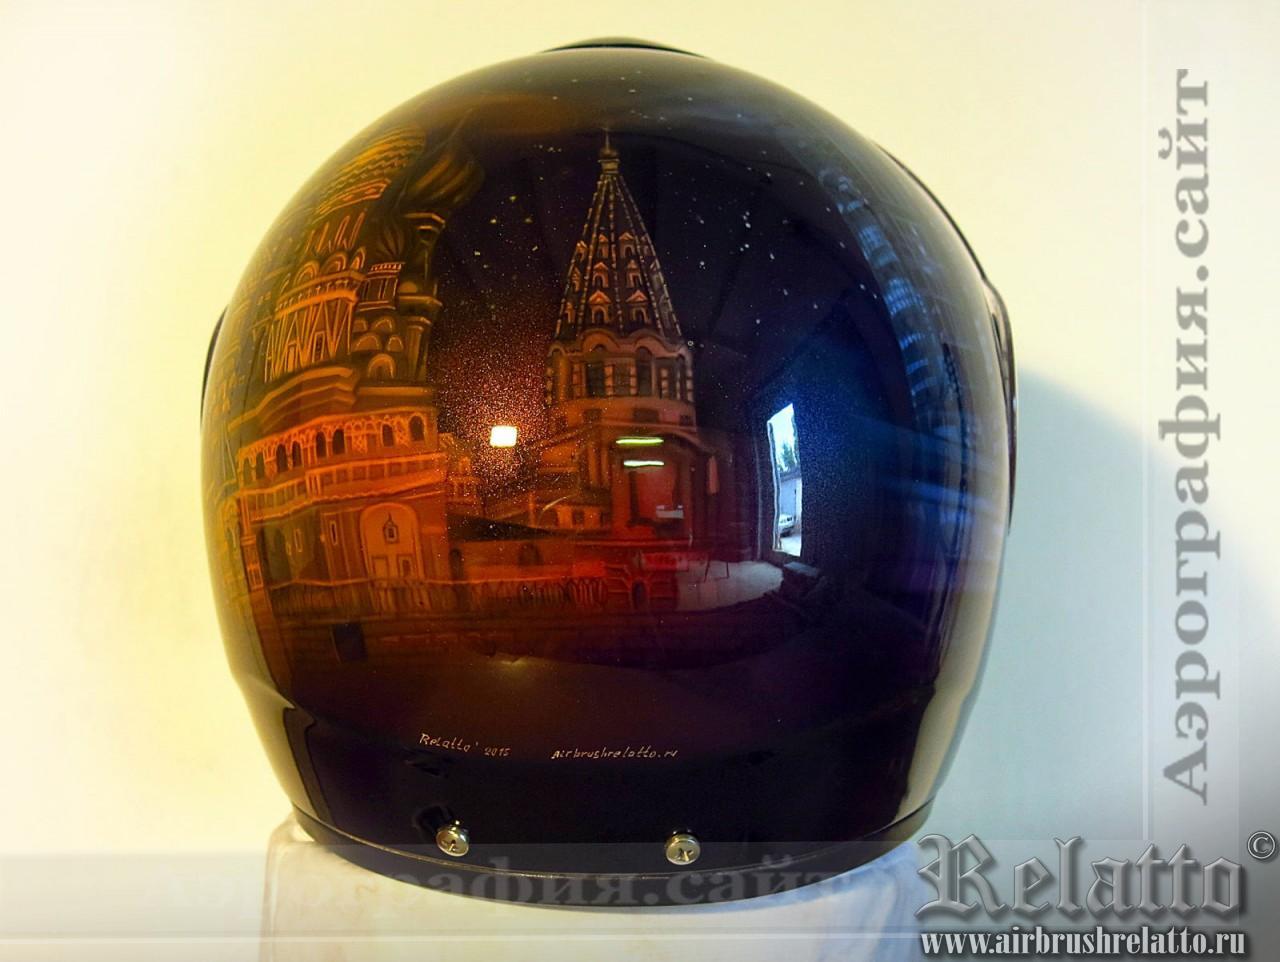 Роспись шлема Москва Сити и Собор Василия Блаженного